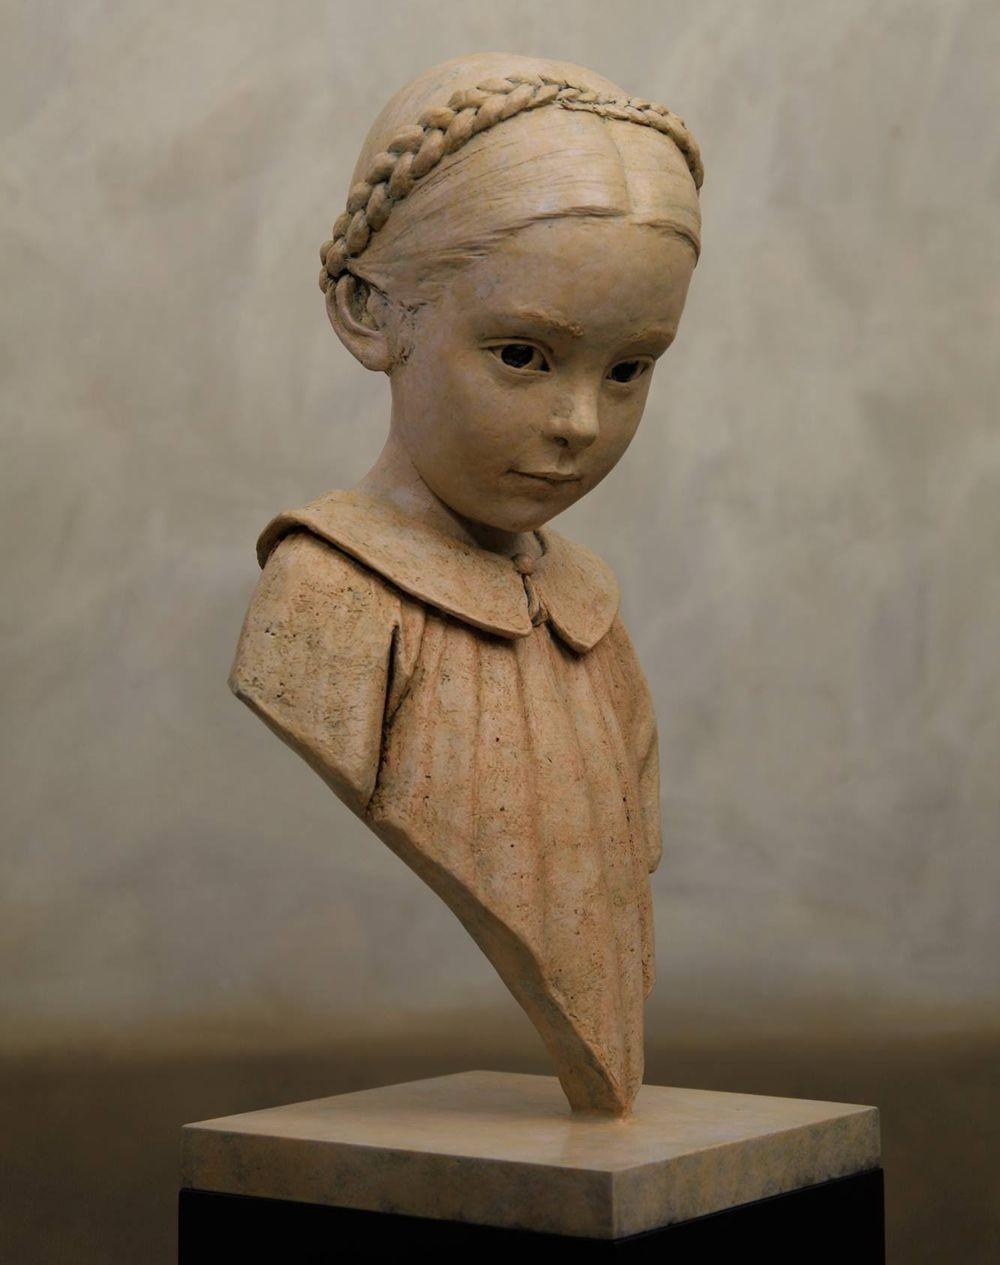 雕塑家贝里特.希尔德作品展_图1-9